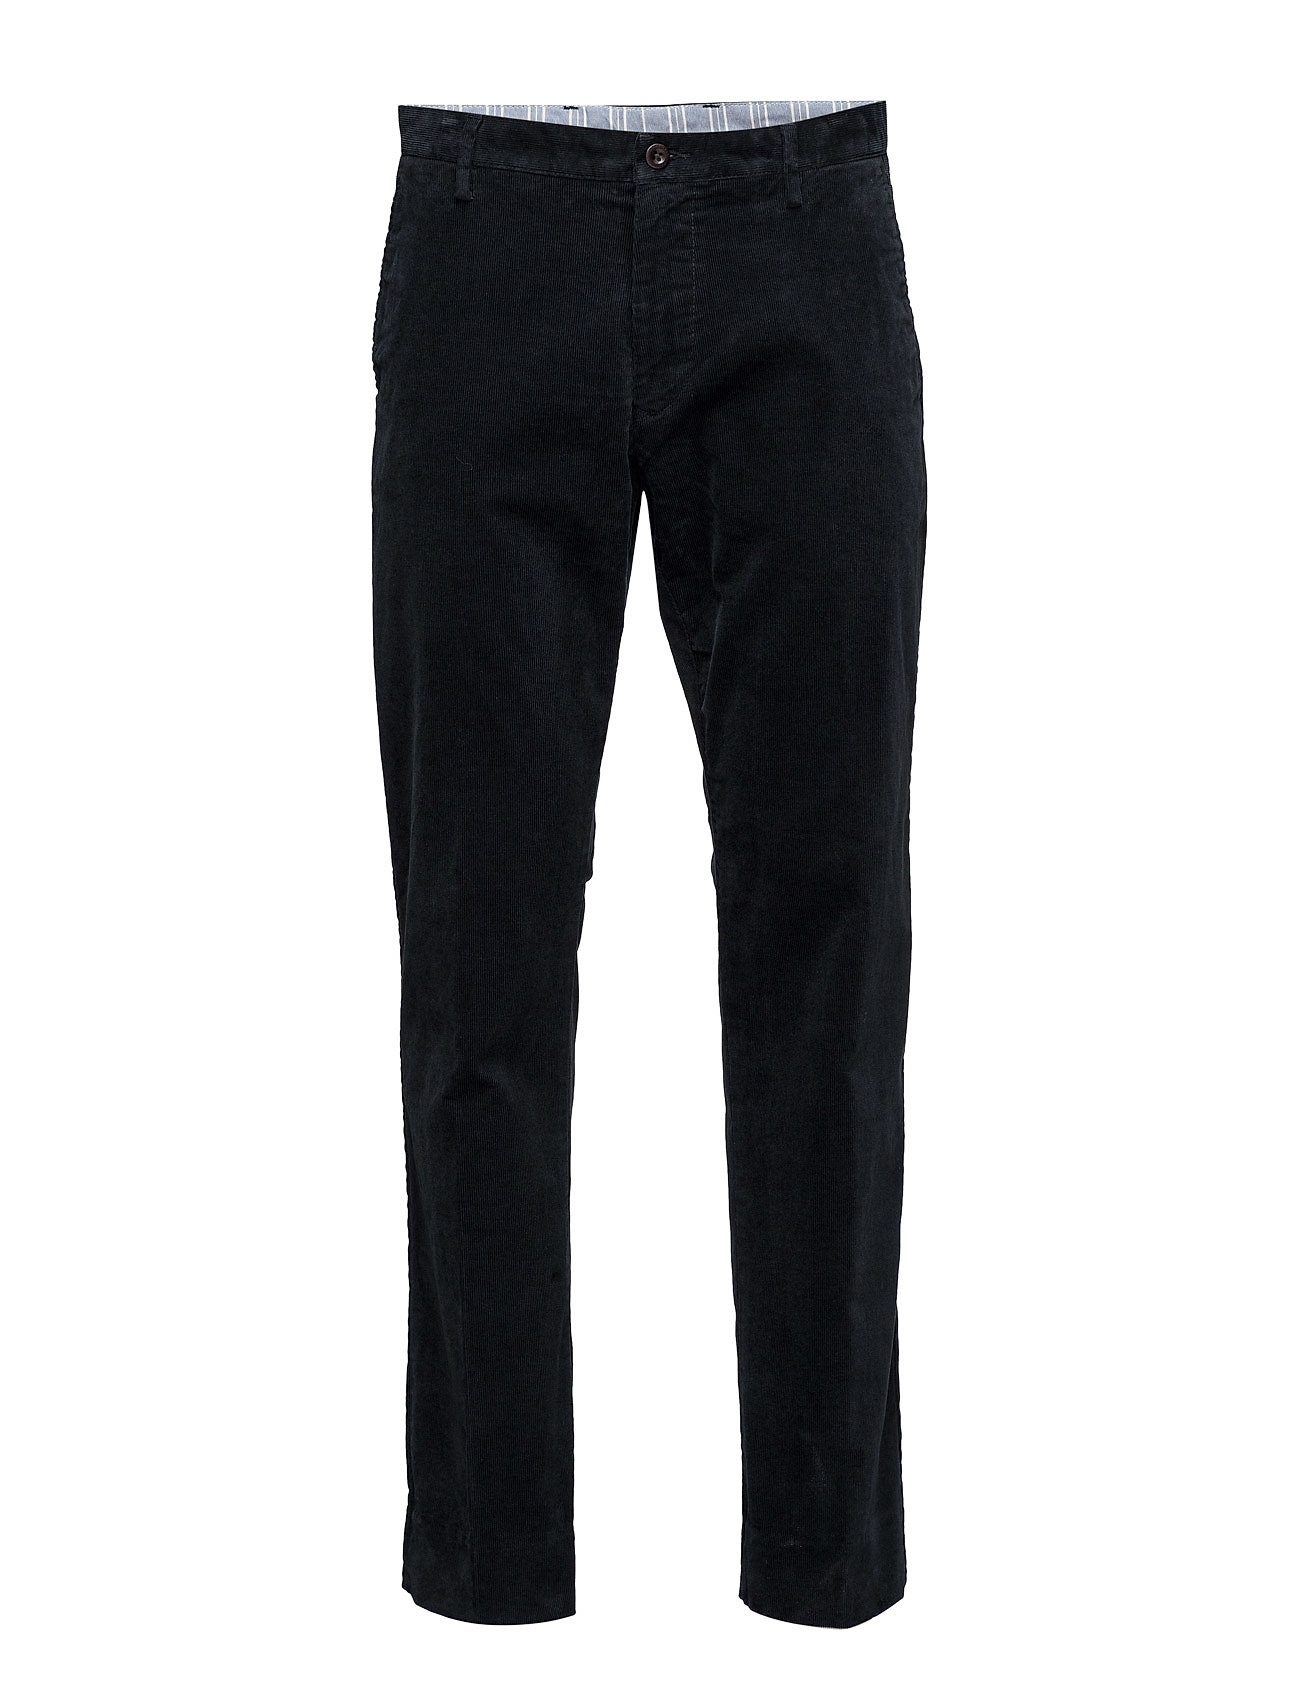 O2. Tailored Regular Cord Slacks GANT Casual sko til Mænd i